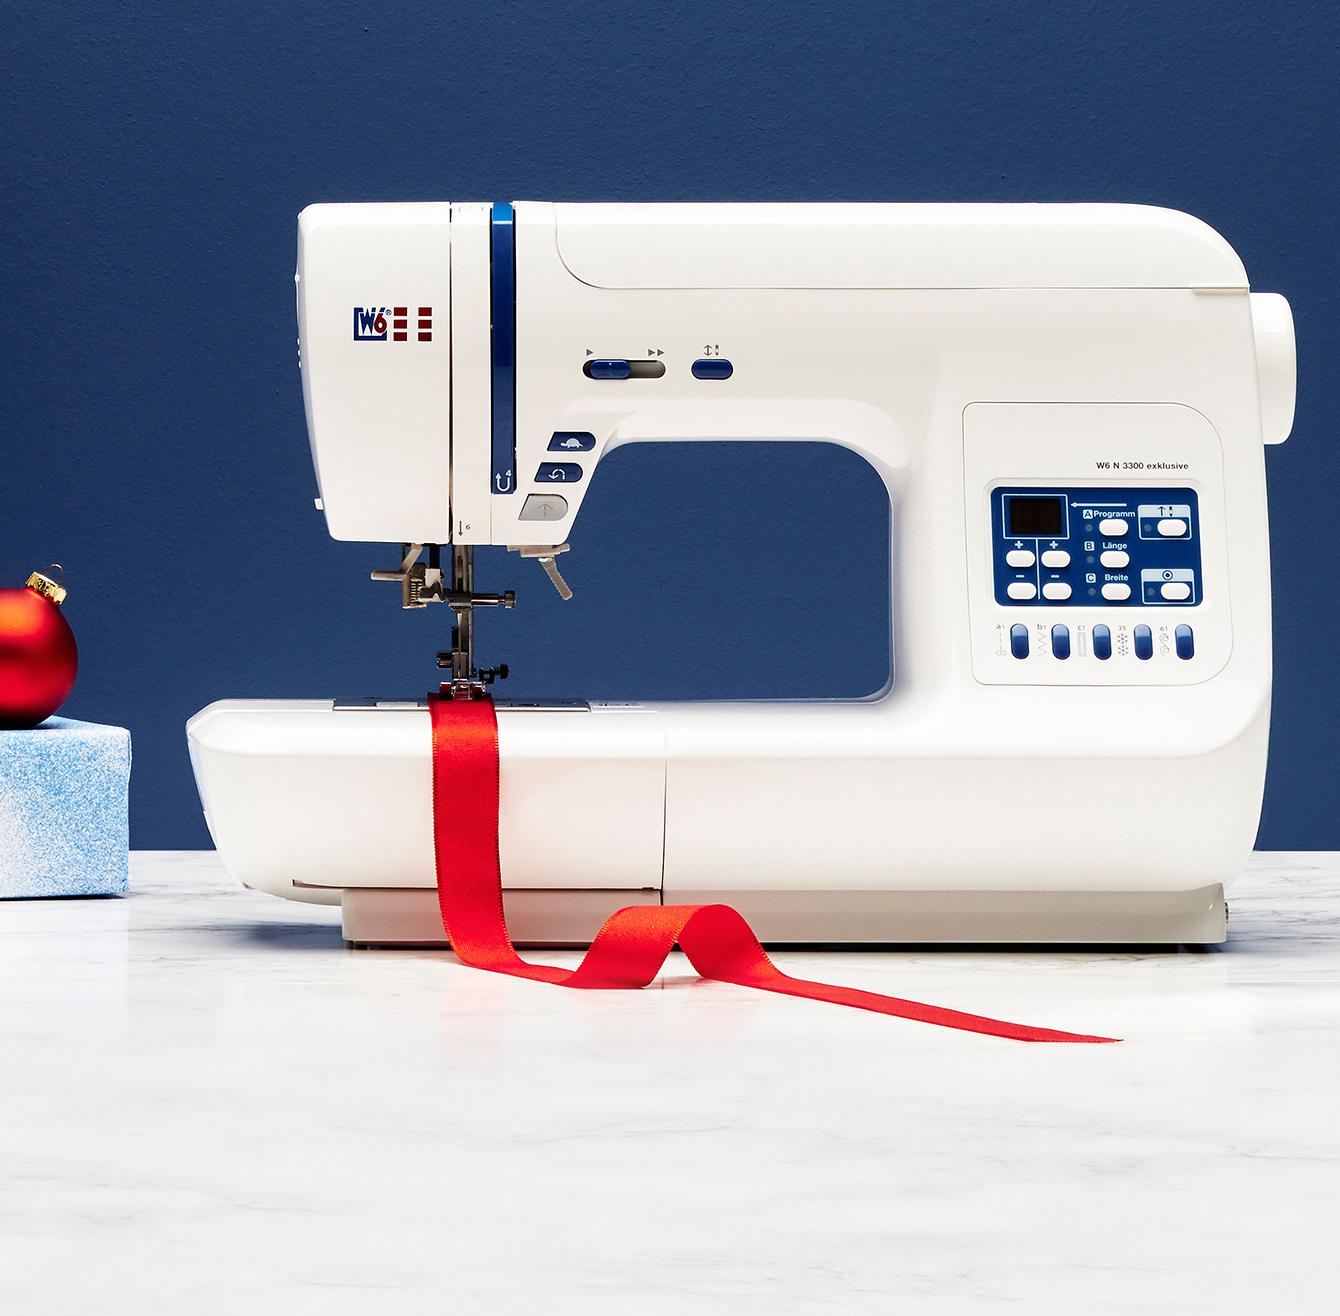 Idee regalo in casa for Amazon oggettistica